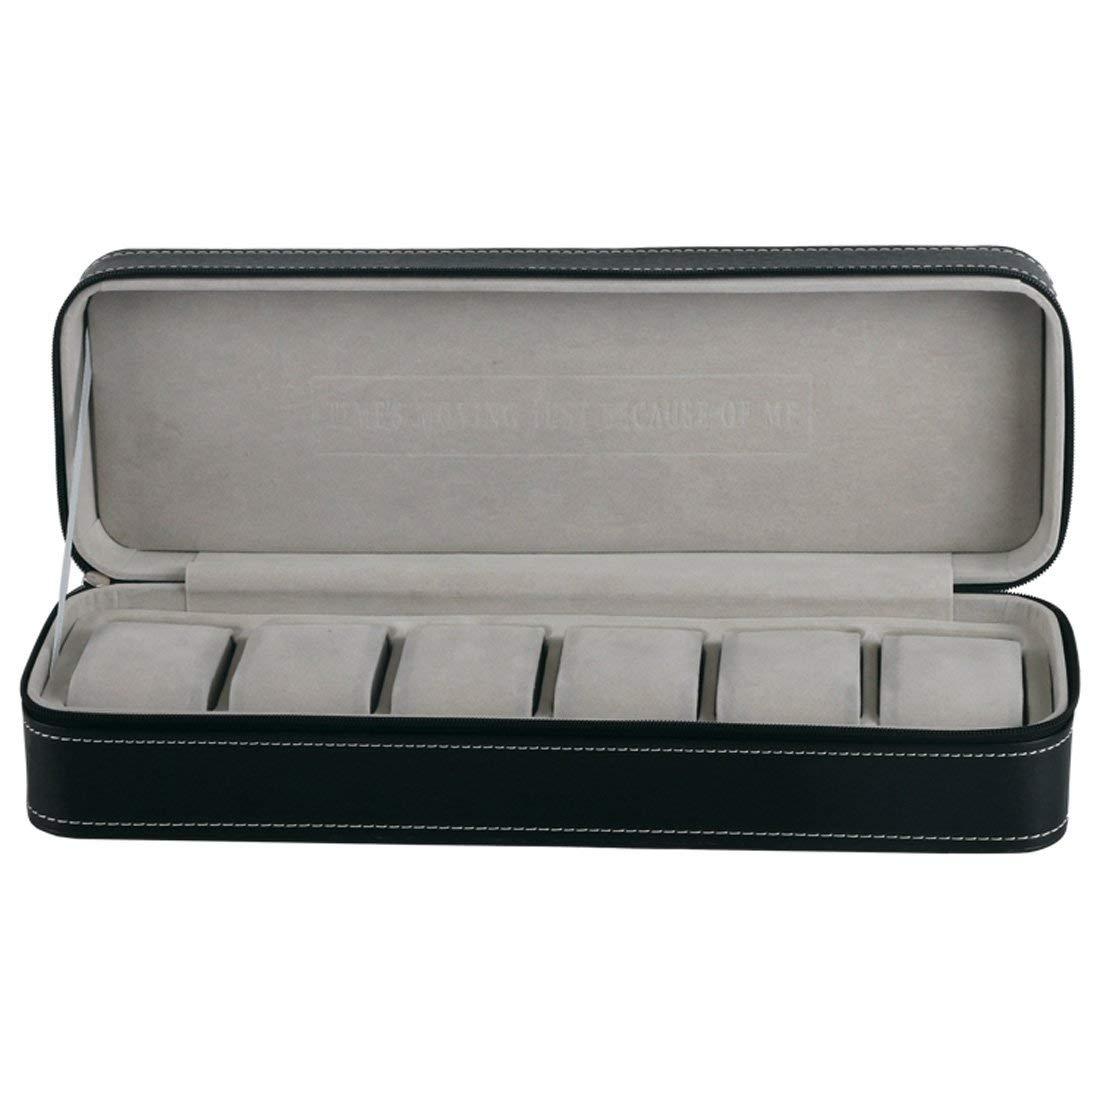 Image 2 - 6 Slot Watch Box przenośne etui z suwakiem pudełko do przechowywania biżuterii (czarny)Pudełka do zegarków   -